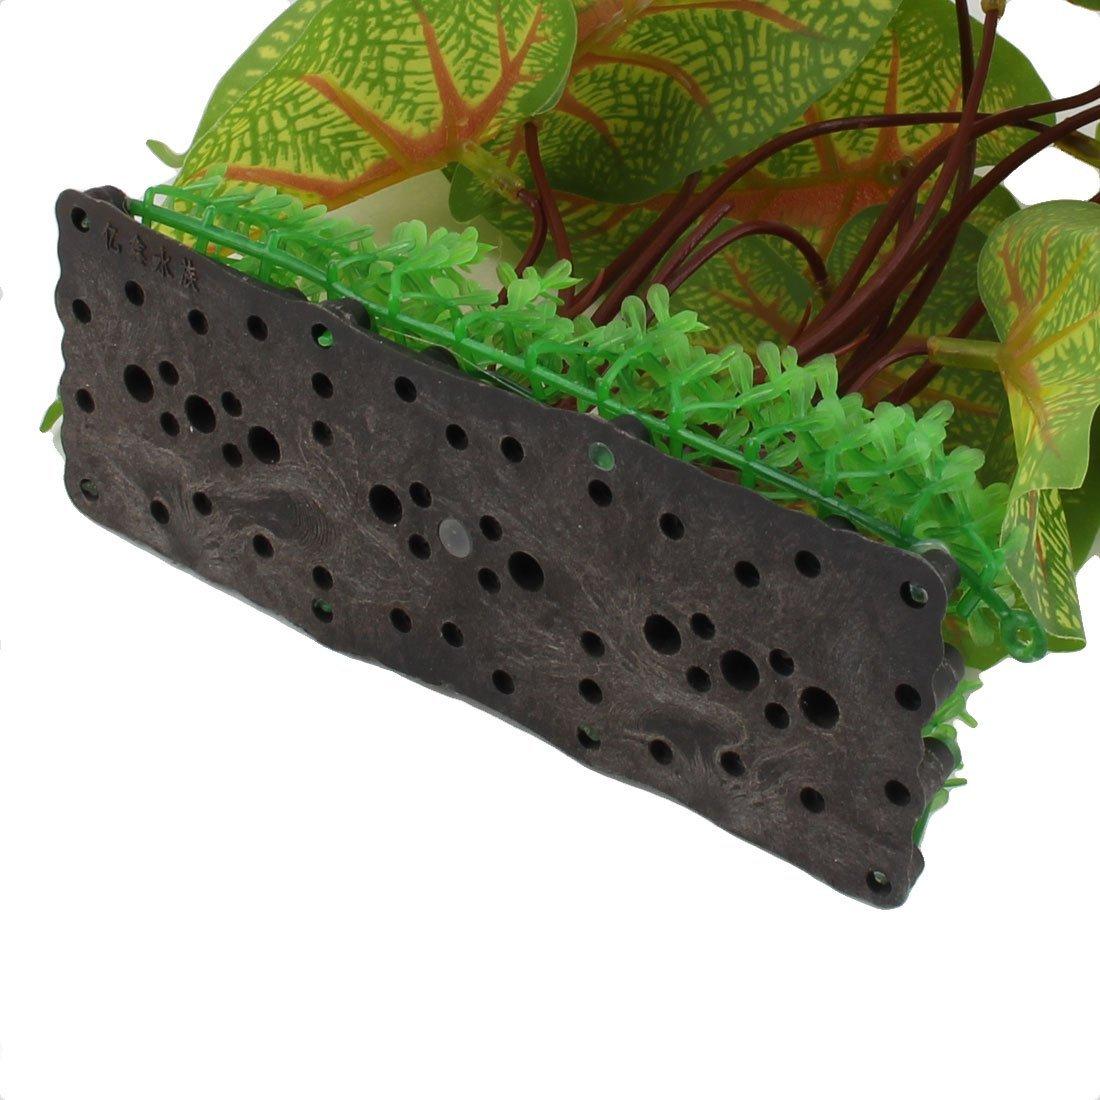 Amazon.com : eDealMax Lotus hoja de la planta de agua plástico Artificial del acuario acuario decoración Tricolor : Pet Supplies